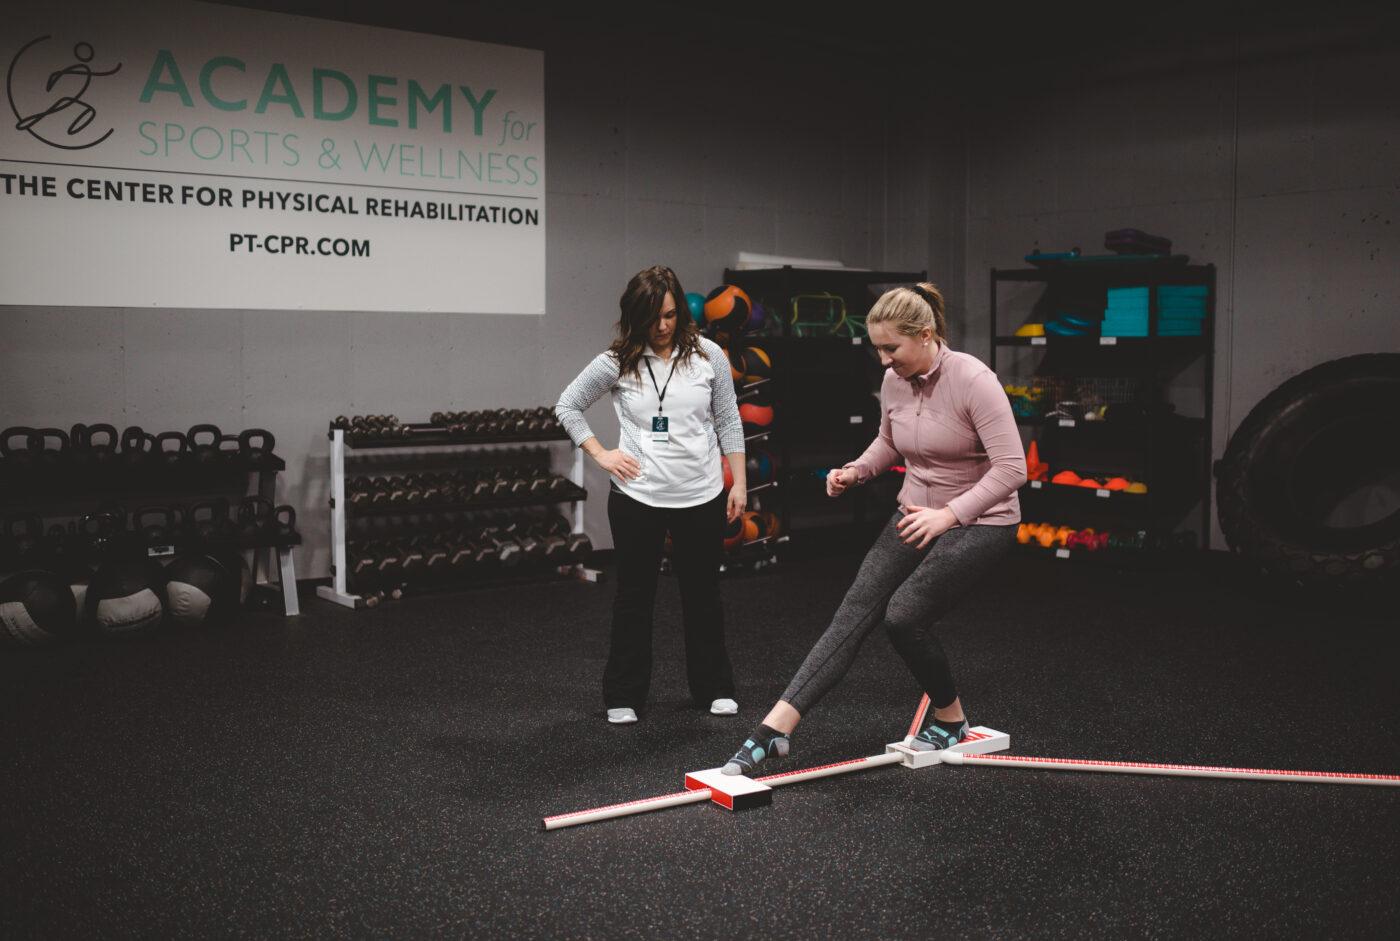 Female athlete doing y-balance test